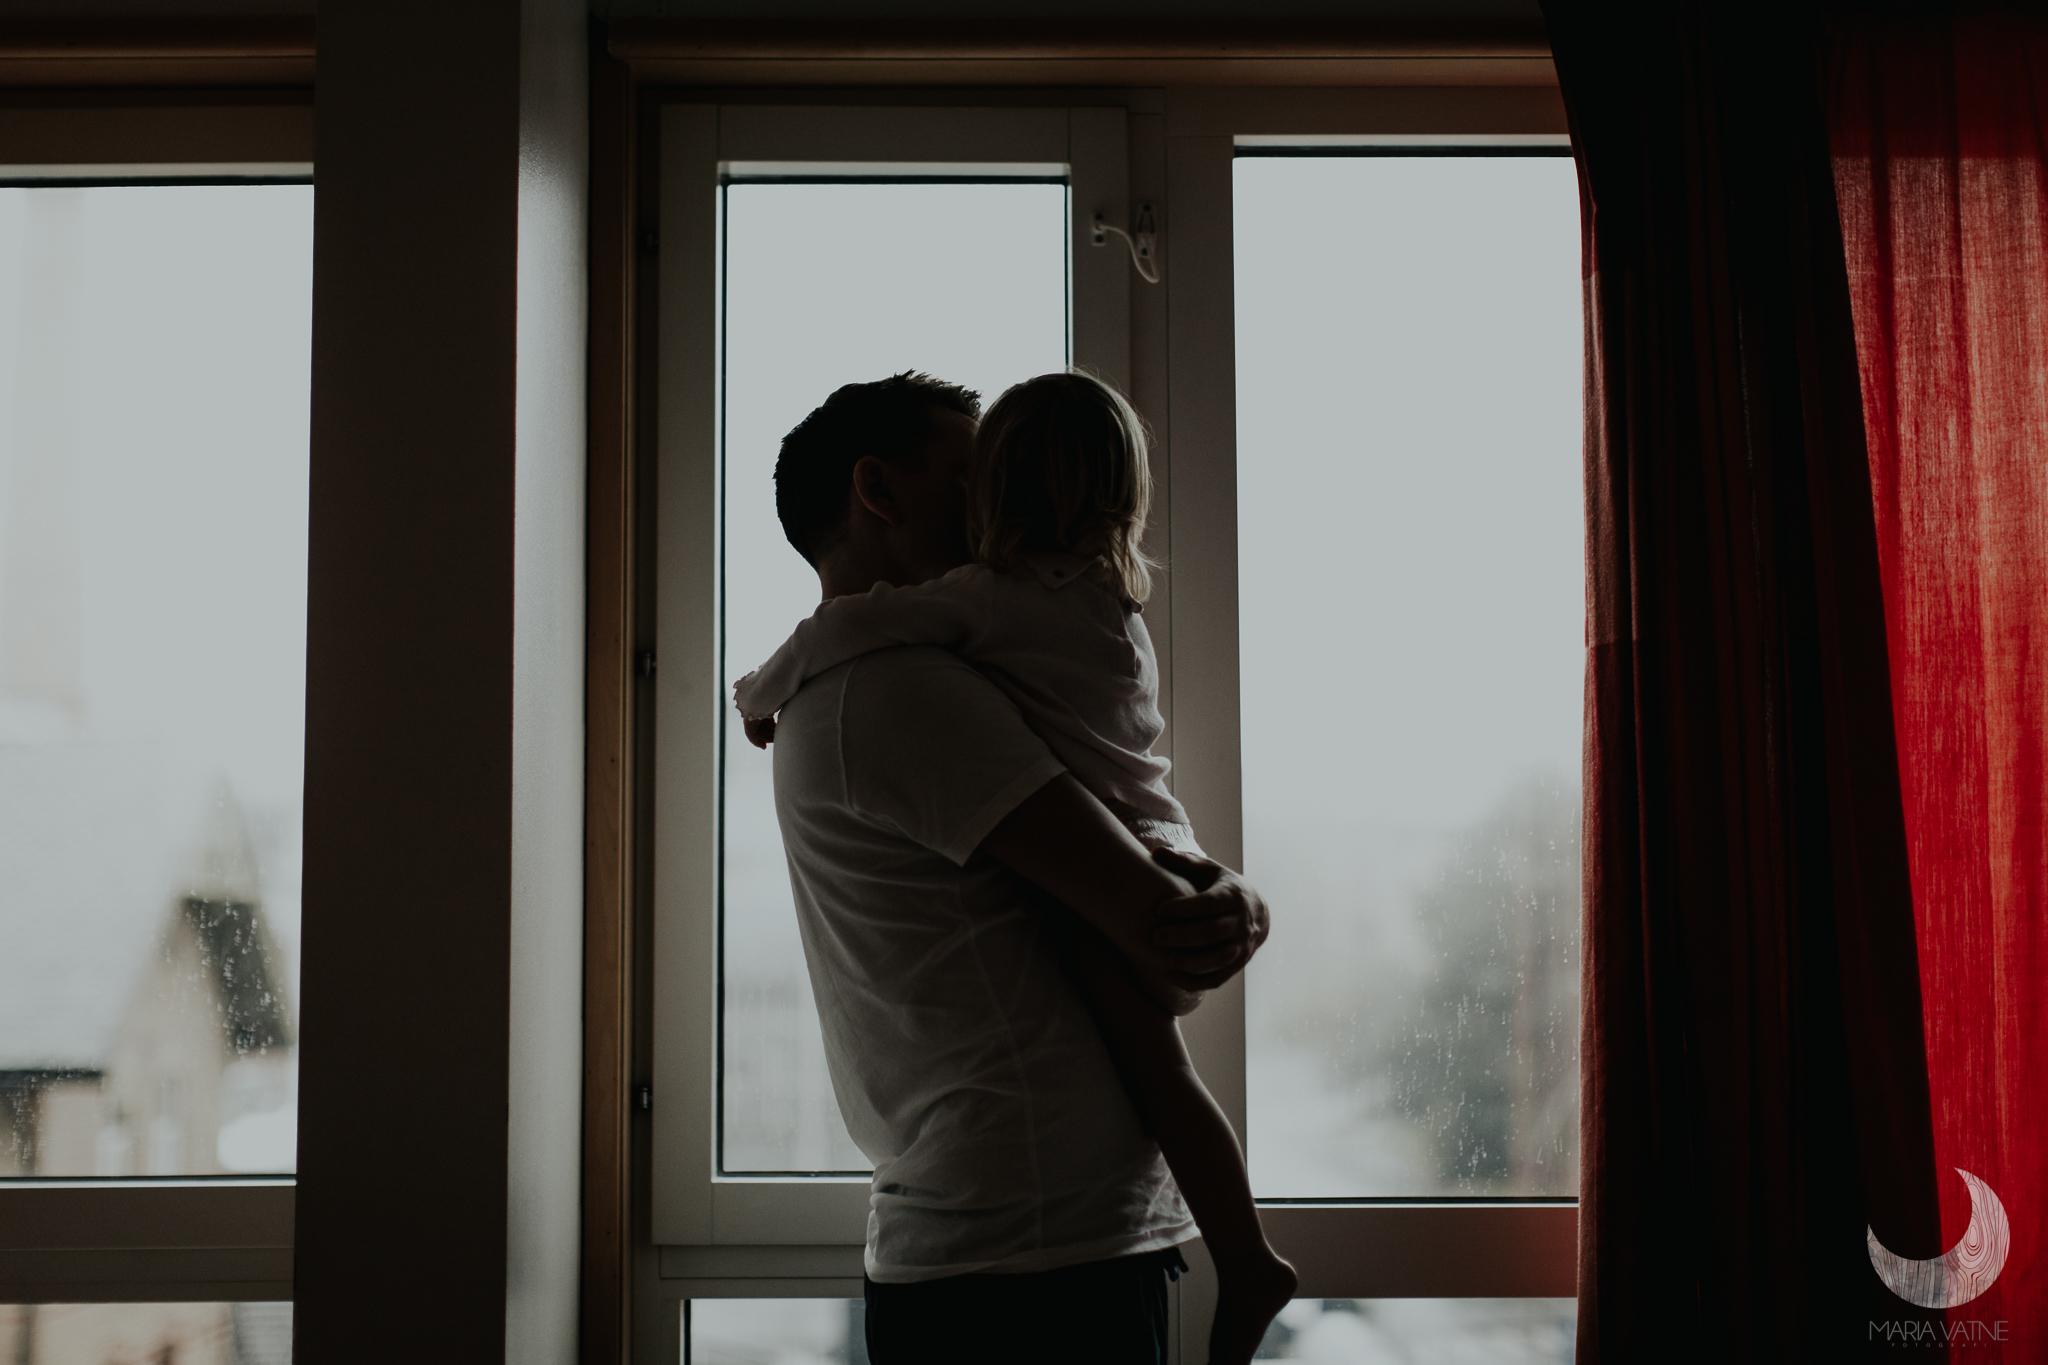 fødselsfotograf-oslo-kongsberg-nyfødtfotograf-maria vatne16.jpg